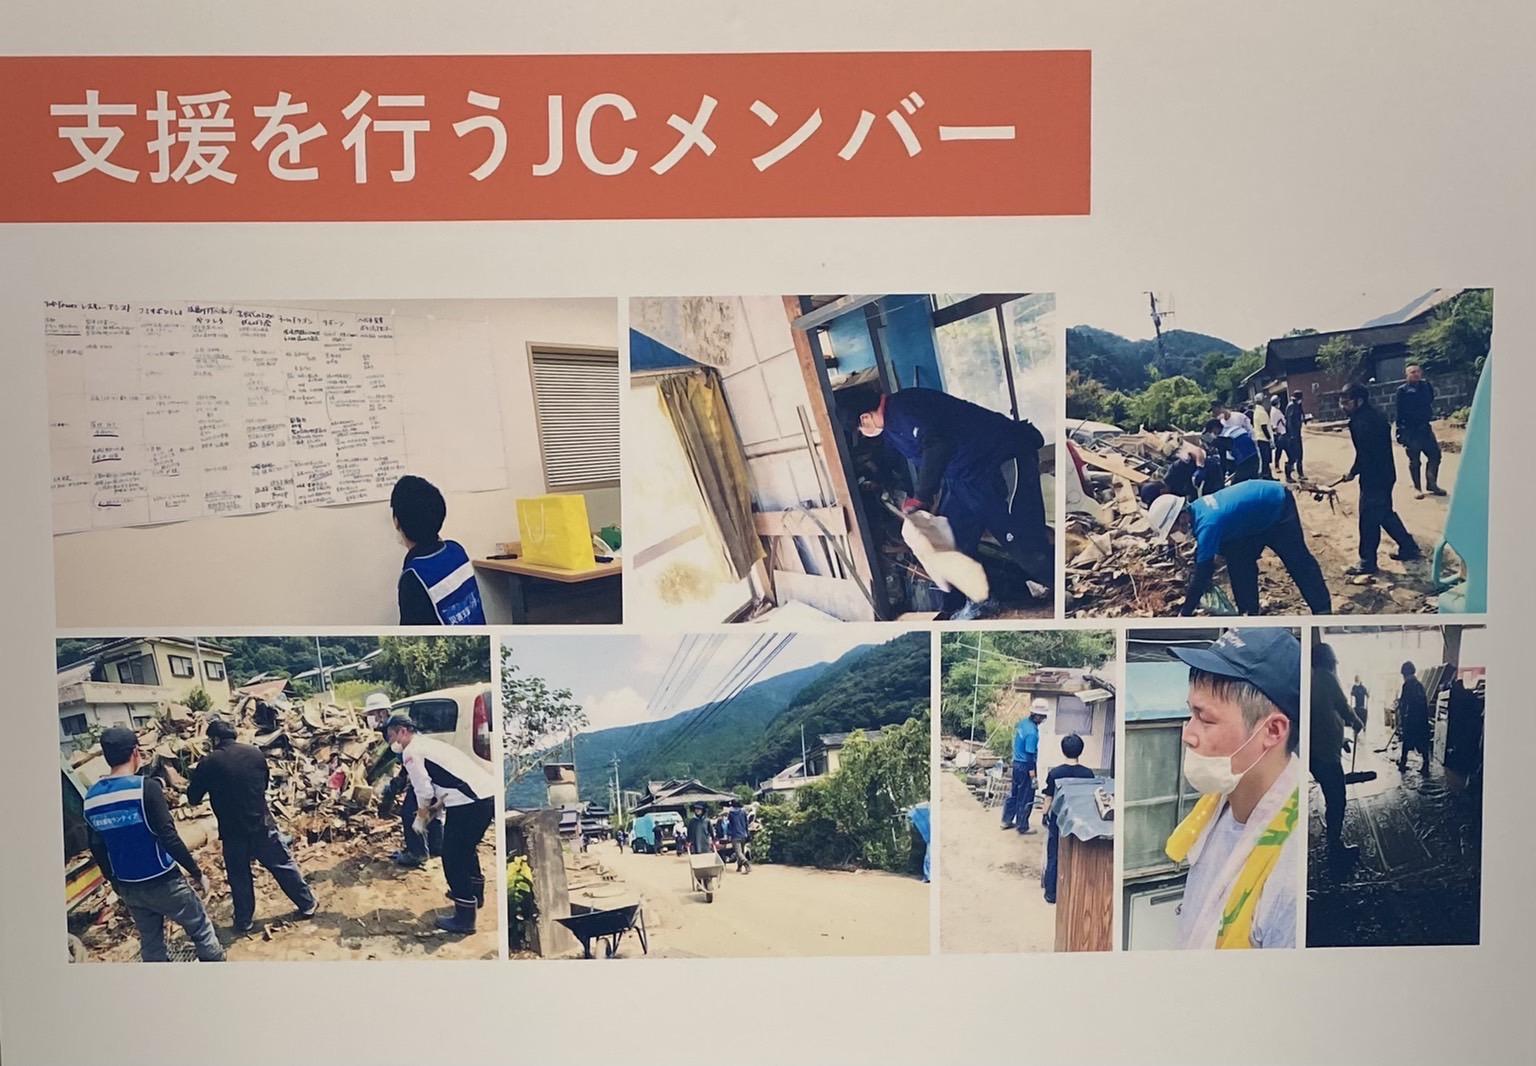 日本青年会議所の災害現場の支援の様子